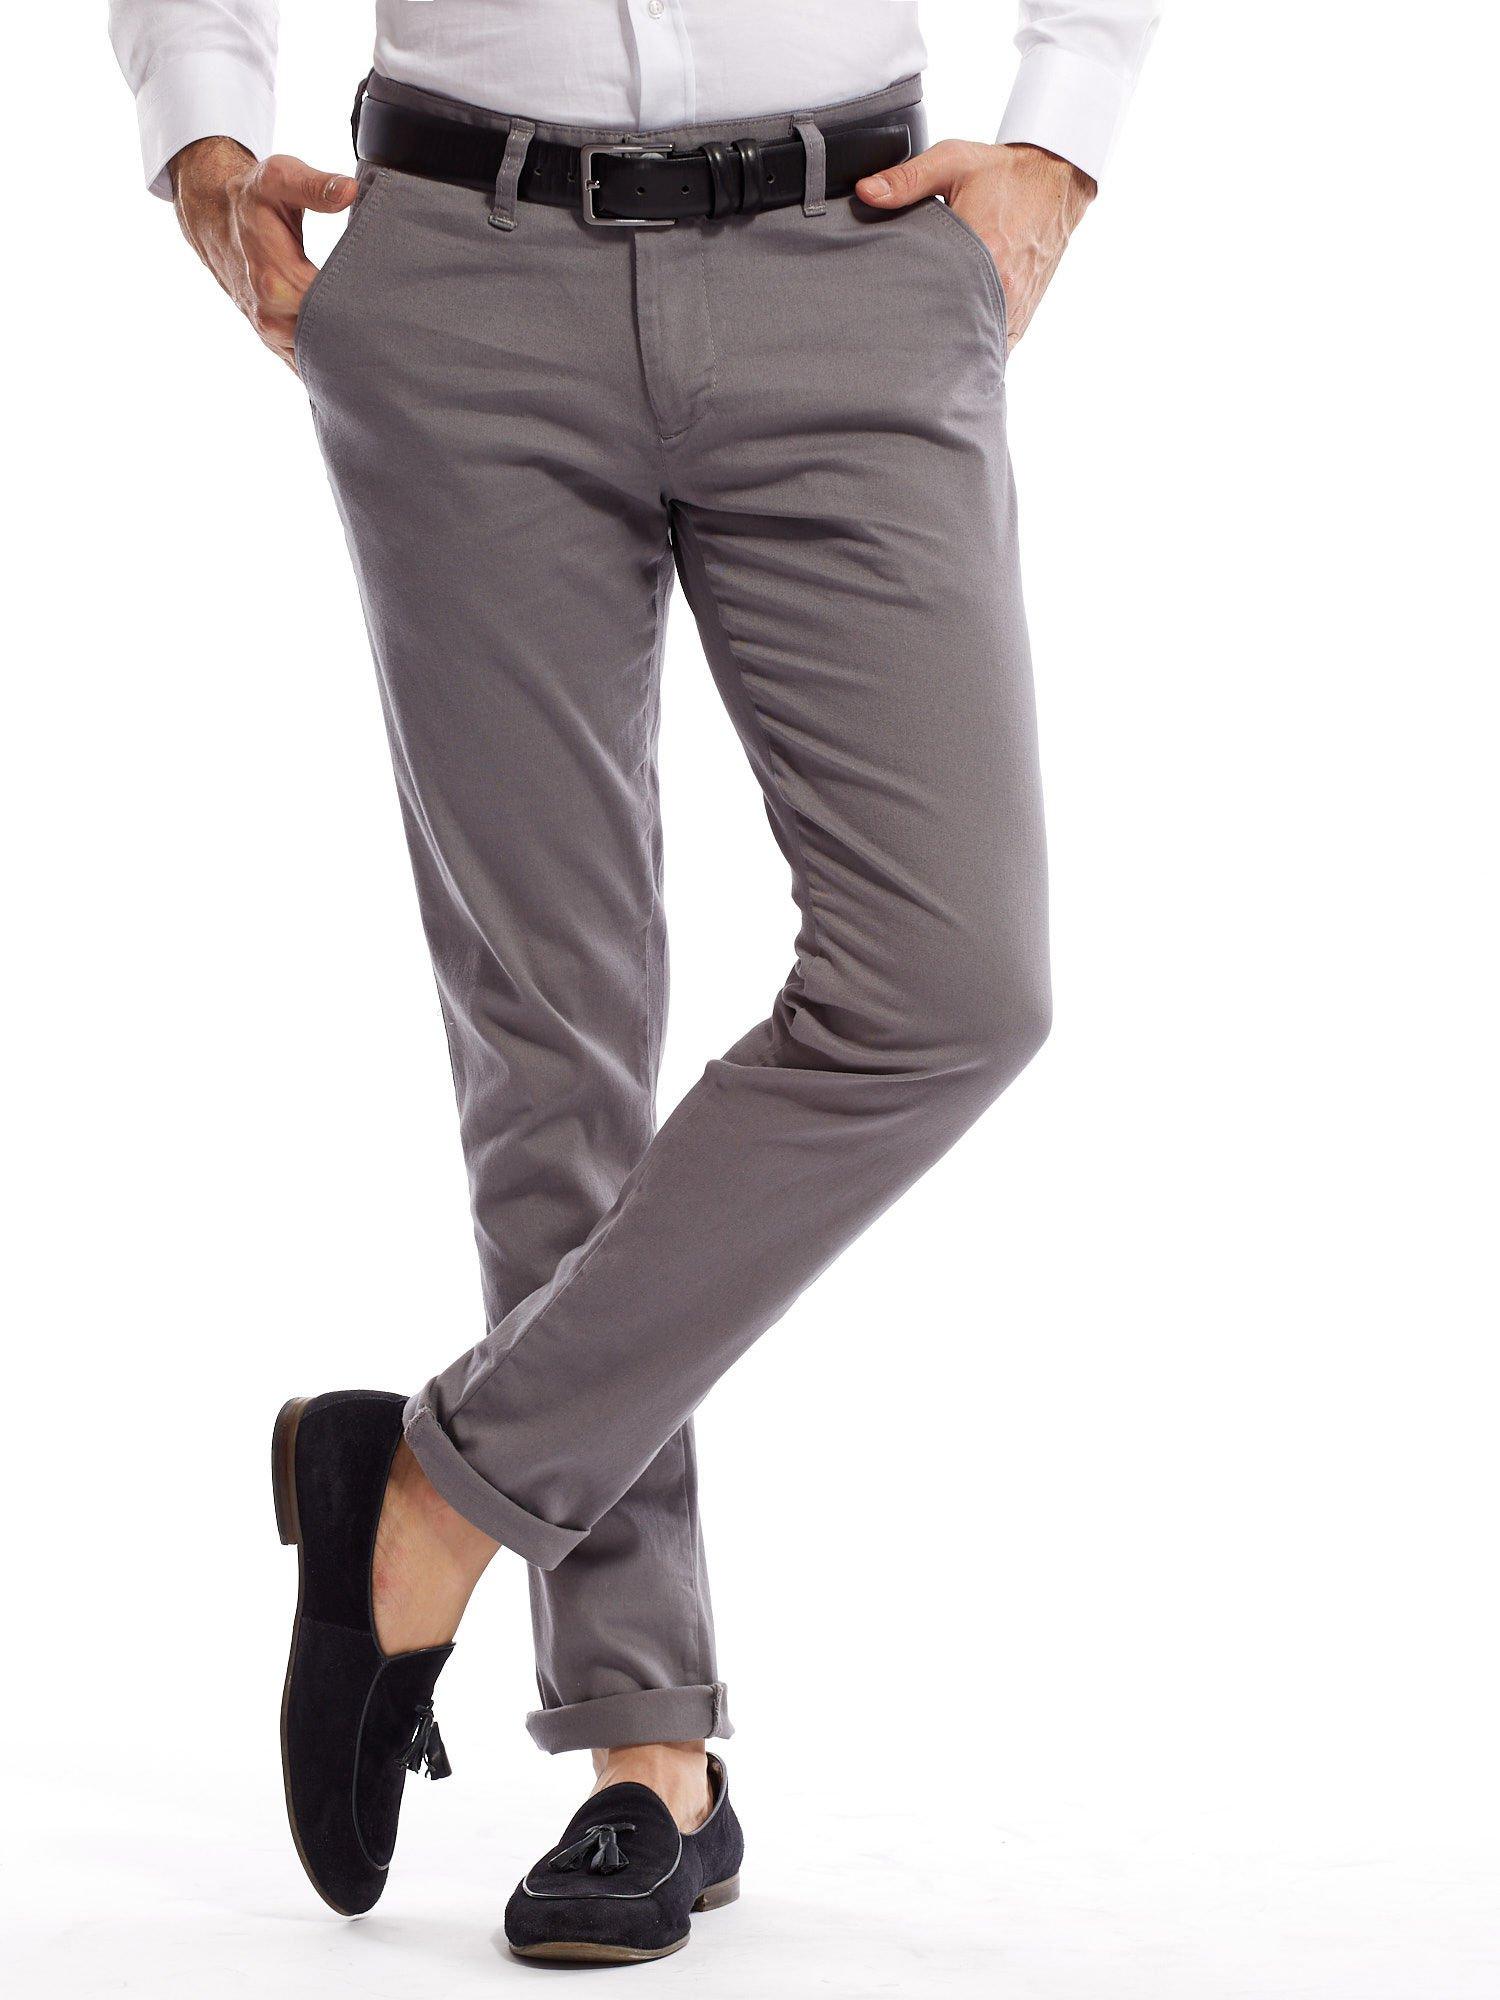 Szare spodnie męskie chinosy o prostym kroju